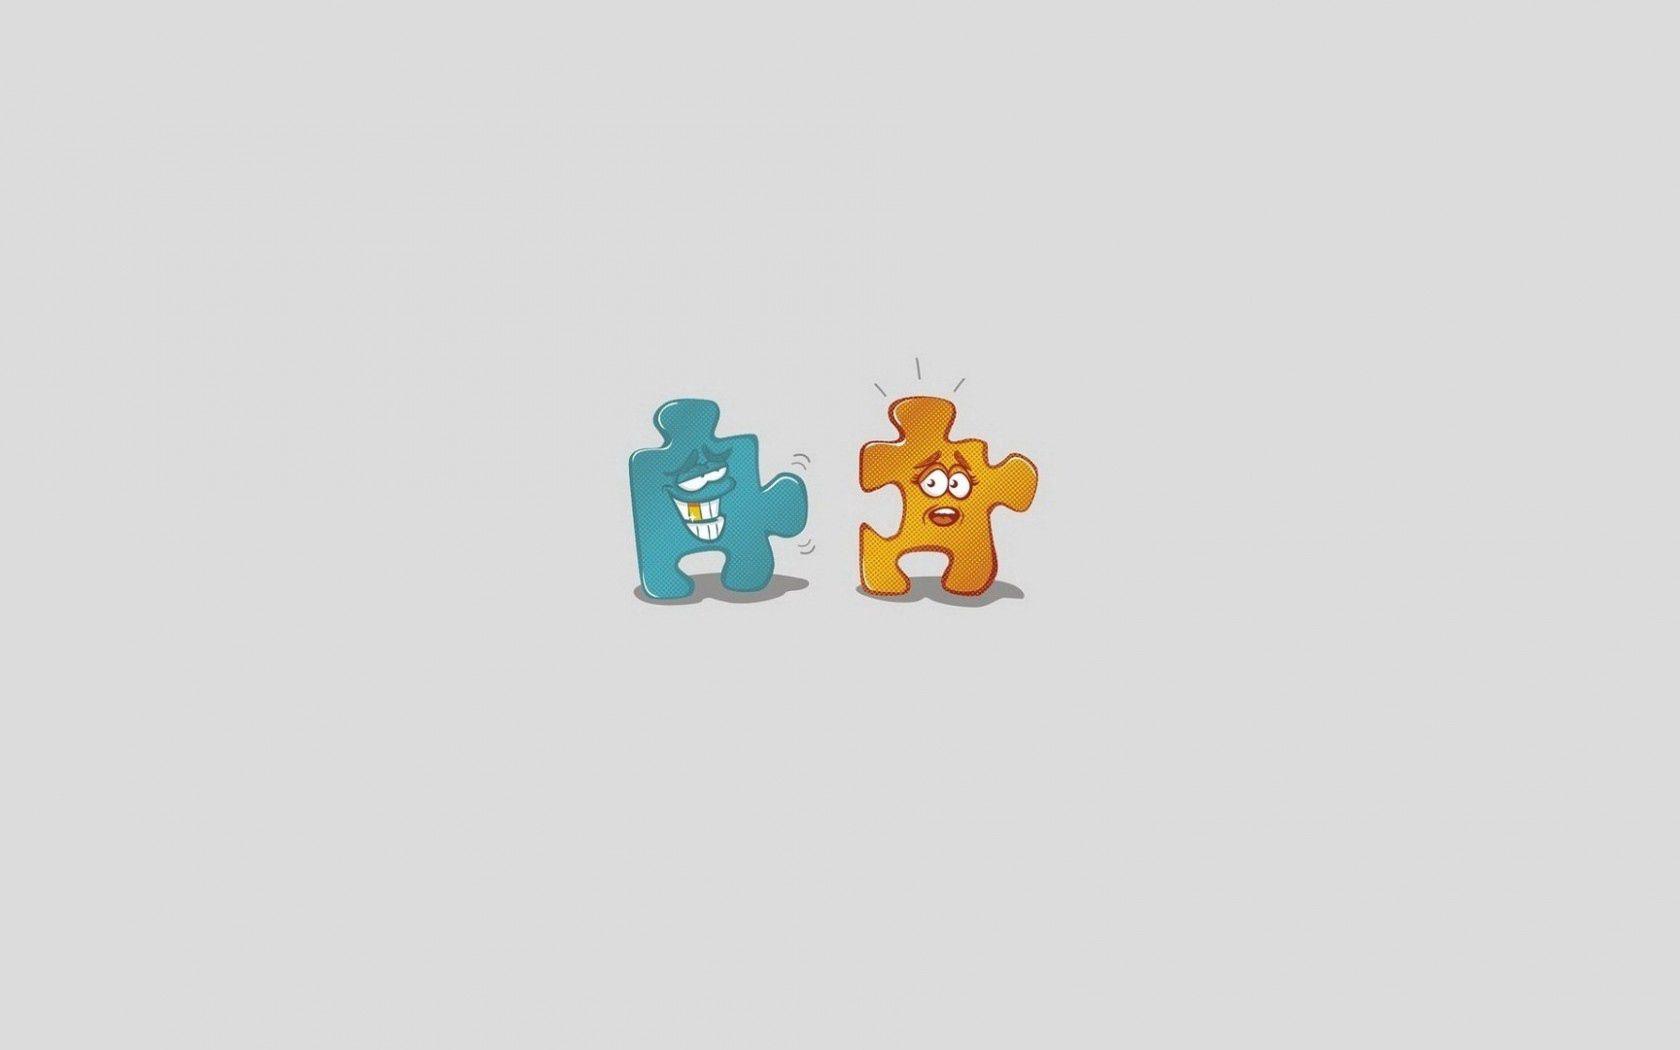 82159 Bildschirmschoner und Hintergrundbilder Humor auf Ihrem Telefon. Laden Sie Humor, Vektor, Paar, Minimalismus, Puzzle, Jigsaw Bilder kostenlos herunter